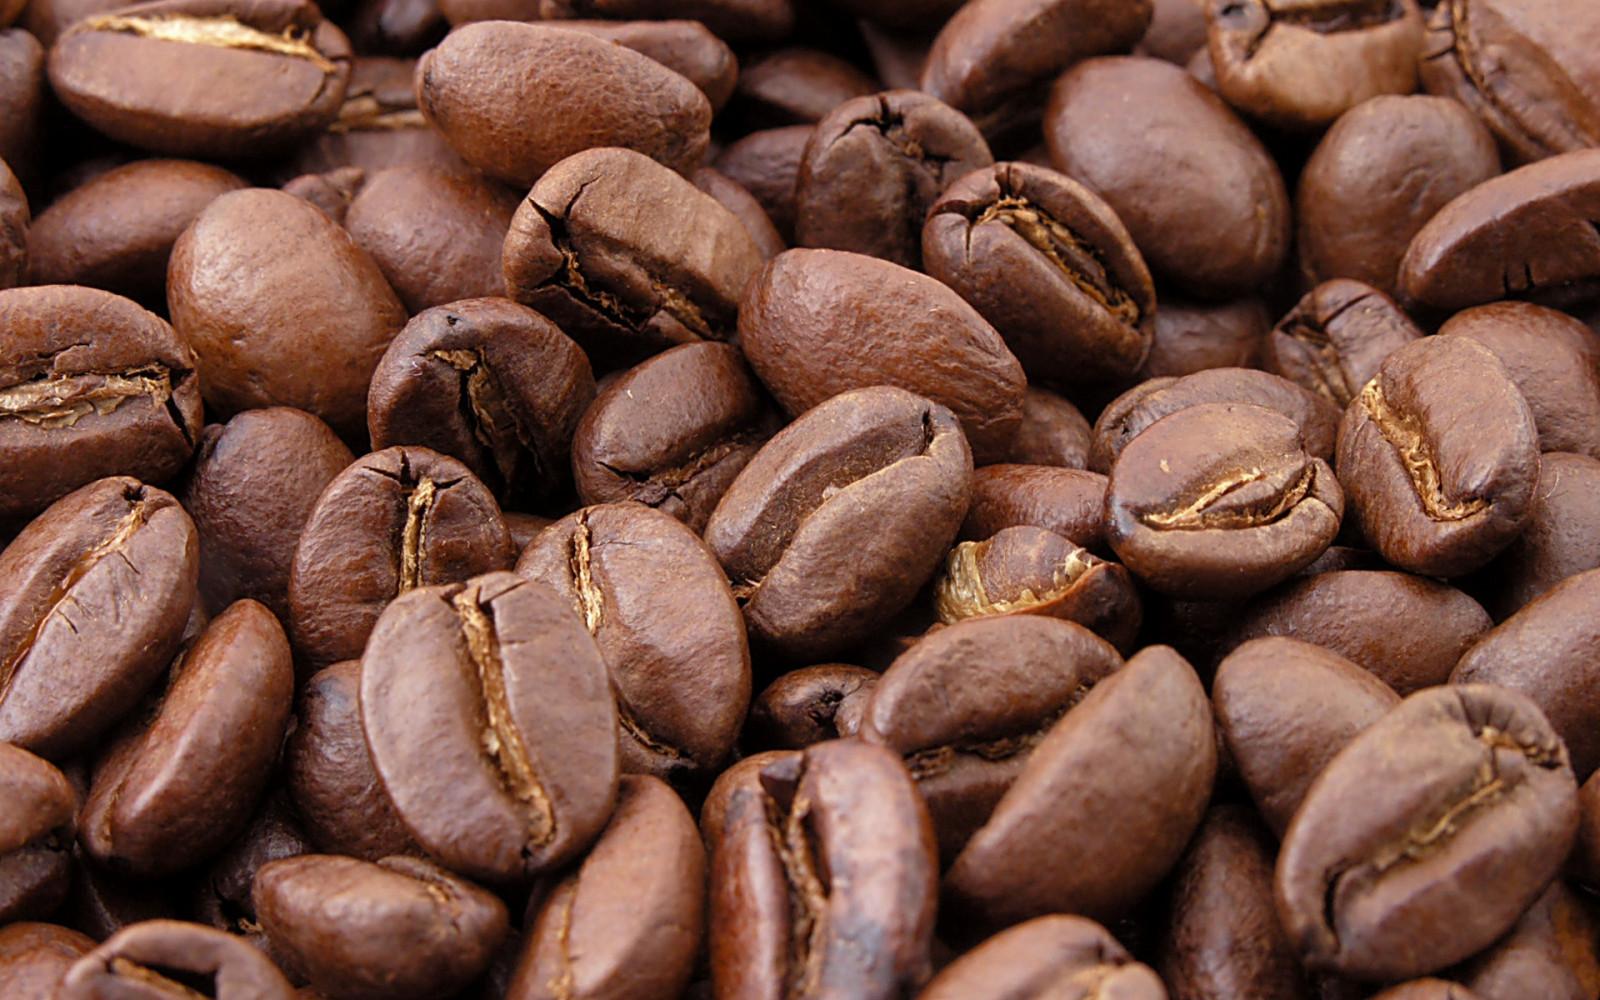 Hintergrundbilder : Kaffee, Koffein, Ware, Körner, Bohne, Streuung ...